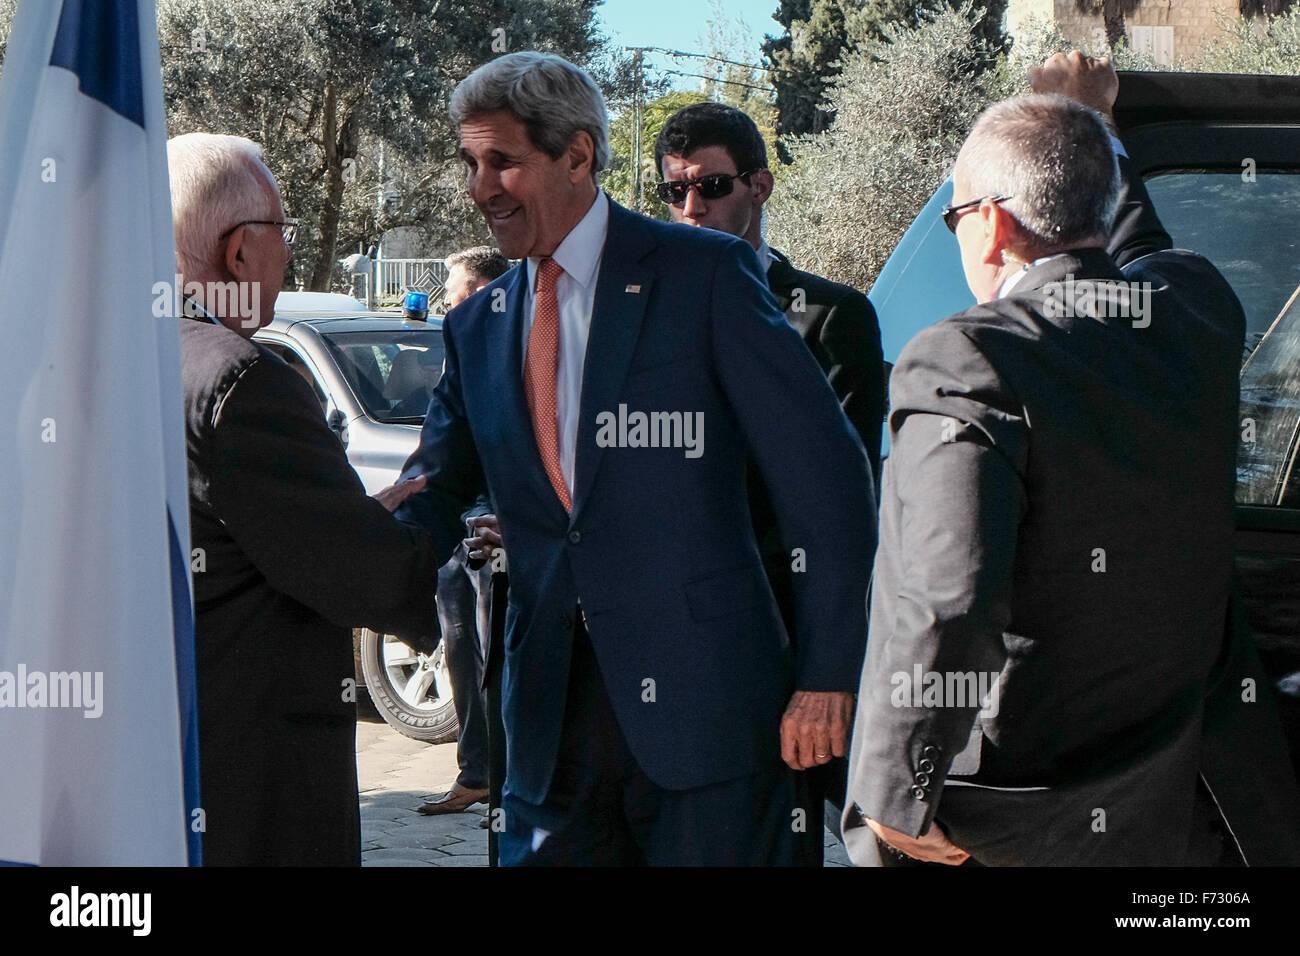 En Cisjordanie, Israël. 24 Nov, 2015. Président de l'état d'Israël, Reuven Rivlin, se félicite de la secrétaire d'État des États-Unis, John Kerry, à la résidence du Président. Kerry secrétaire a fait une série de pourparlers au Moyen-Orient rencontre avec les dirigeants israéliens et palestiniens pour discuter des mesures pour réduire l'actuelle vague de violence balayer Israël et la Cisjordanie. Credit: Alon Nir/Alamy Live News Banque D'Images